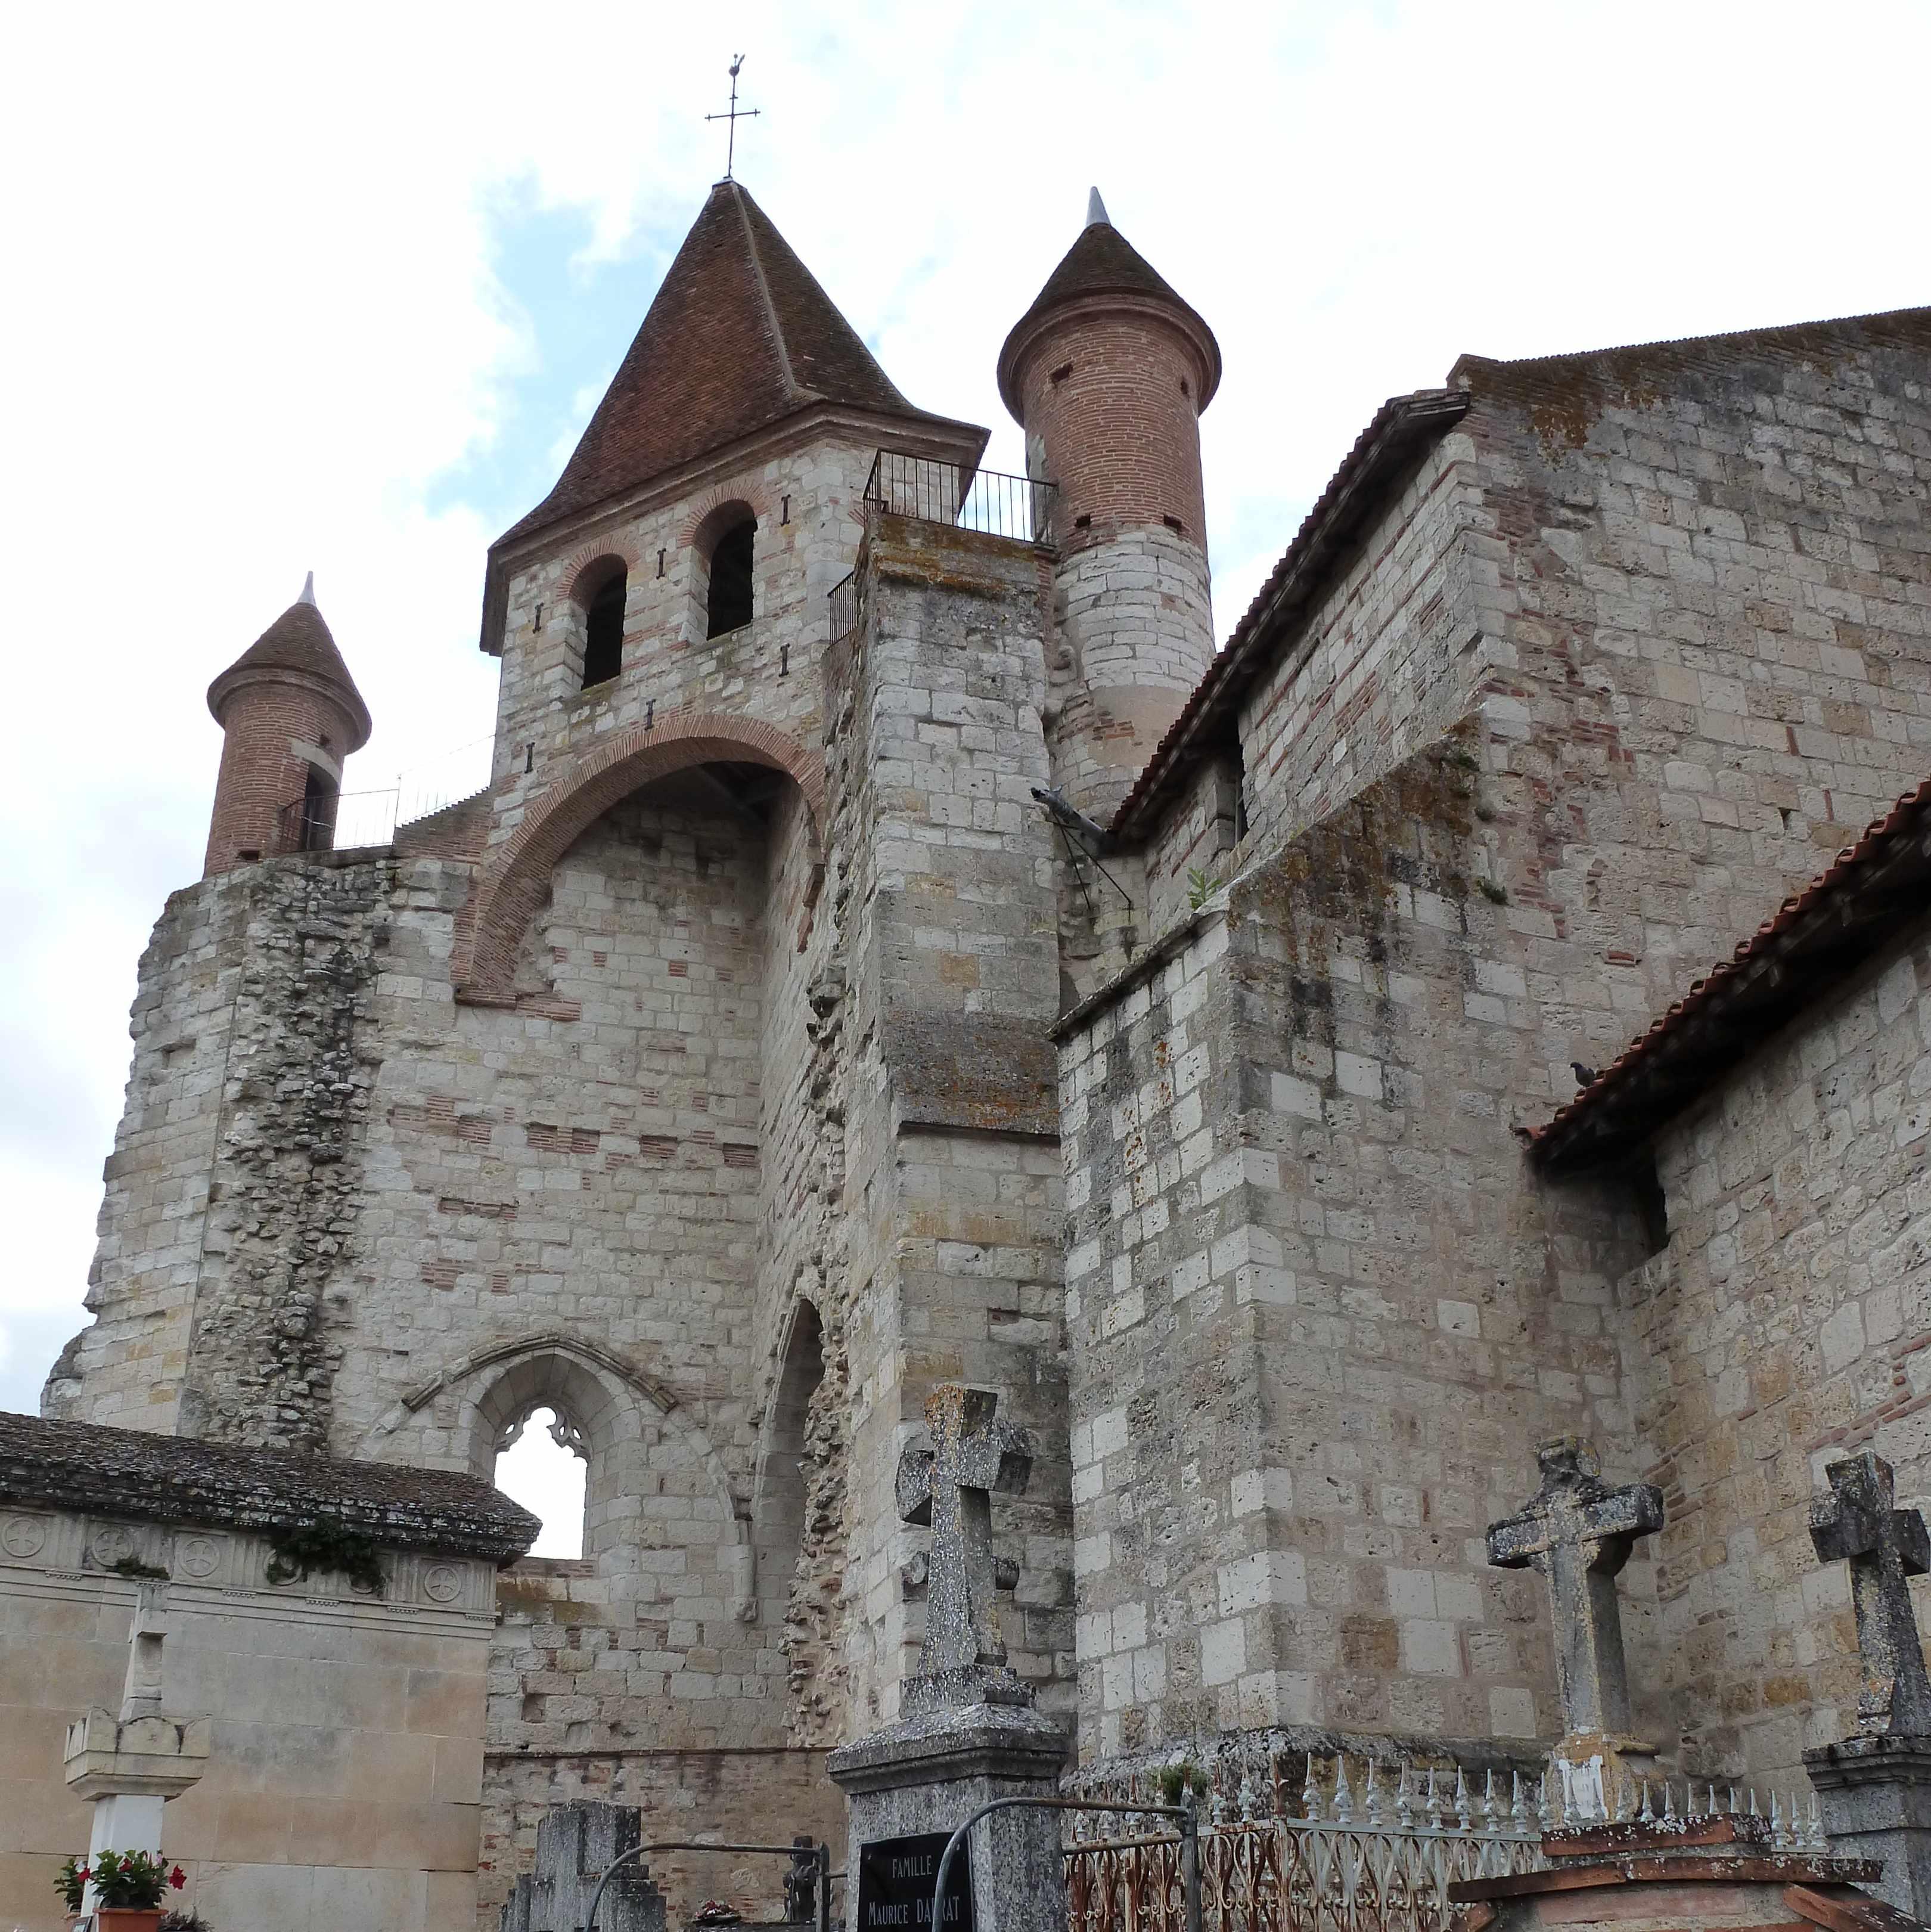 Auvillar-eglise-fortifiee-2014-05